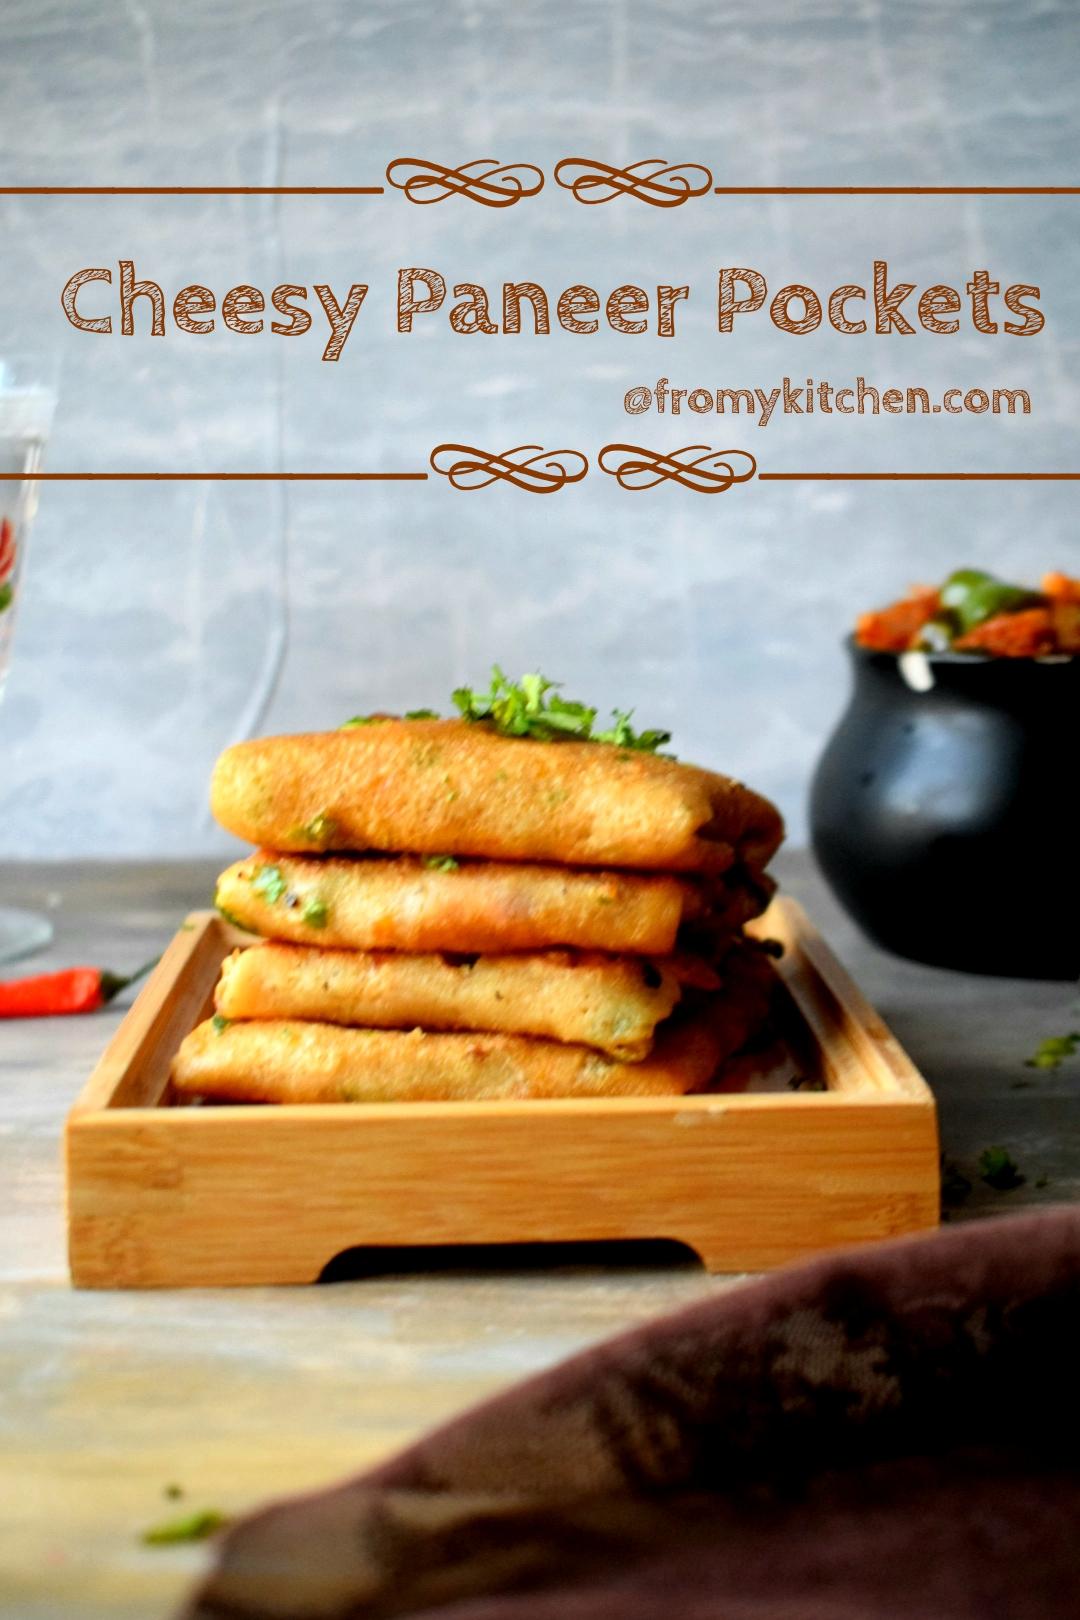 Cheesy Paneer Pockets